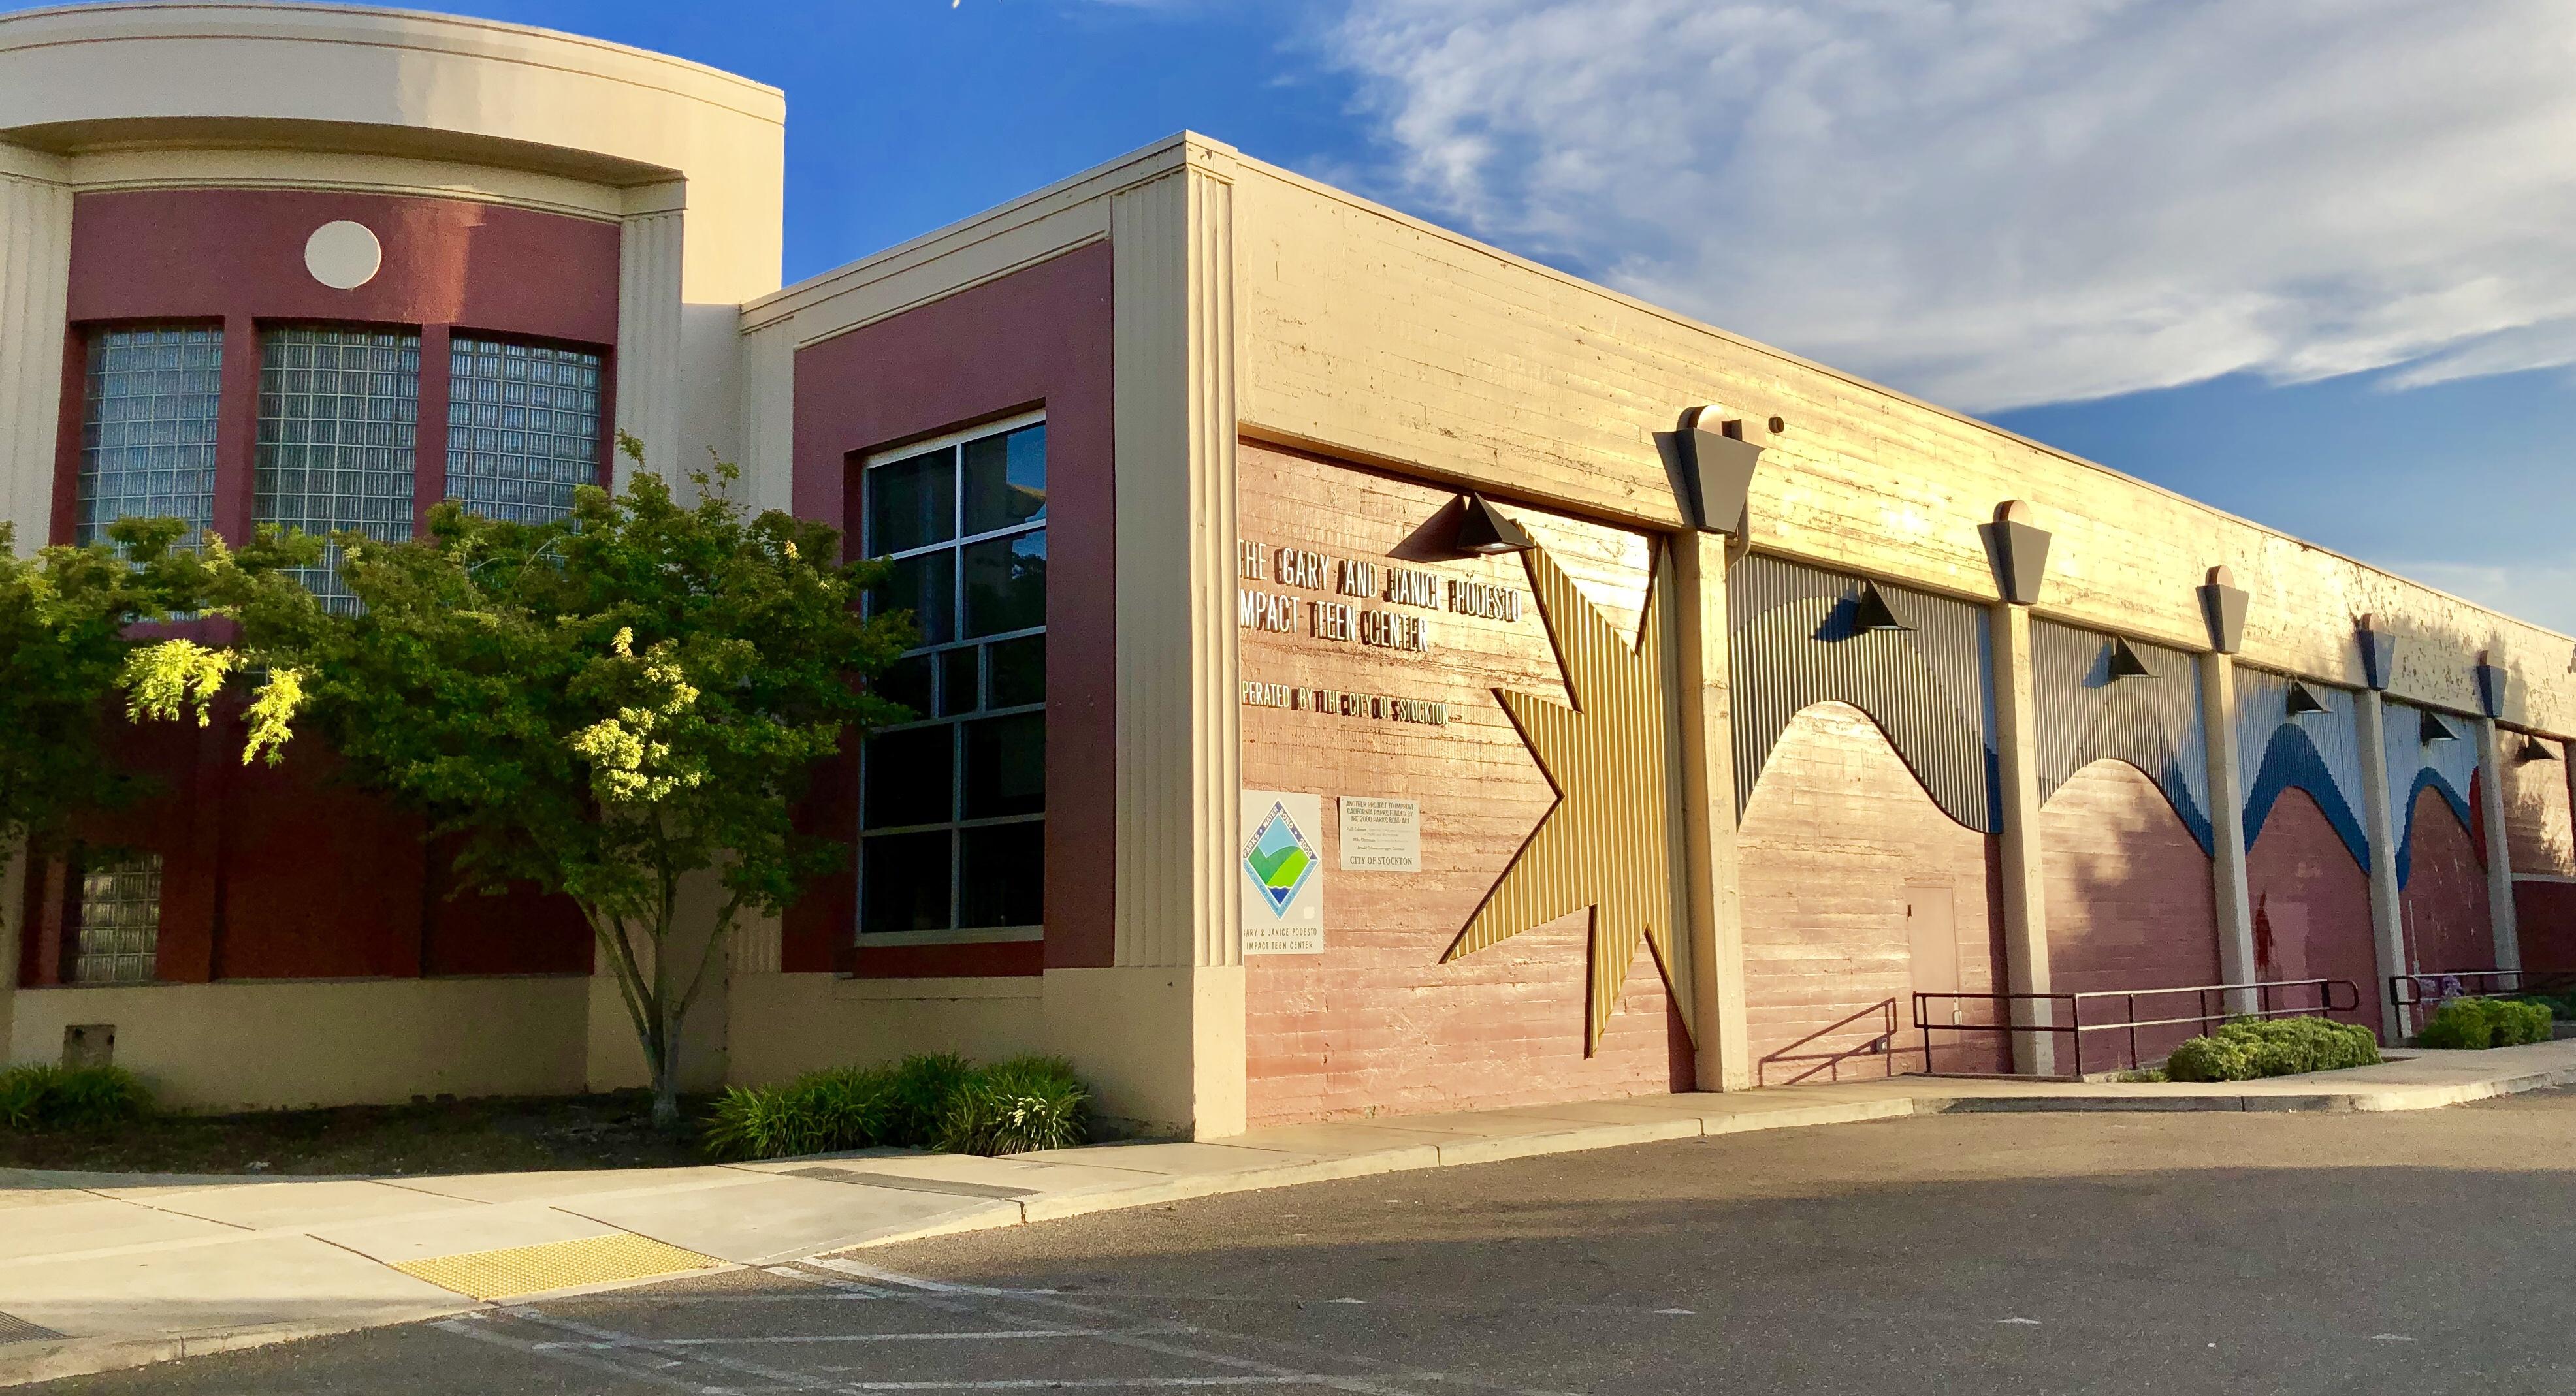 Exterior of the Podesto Teen Impact Center